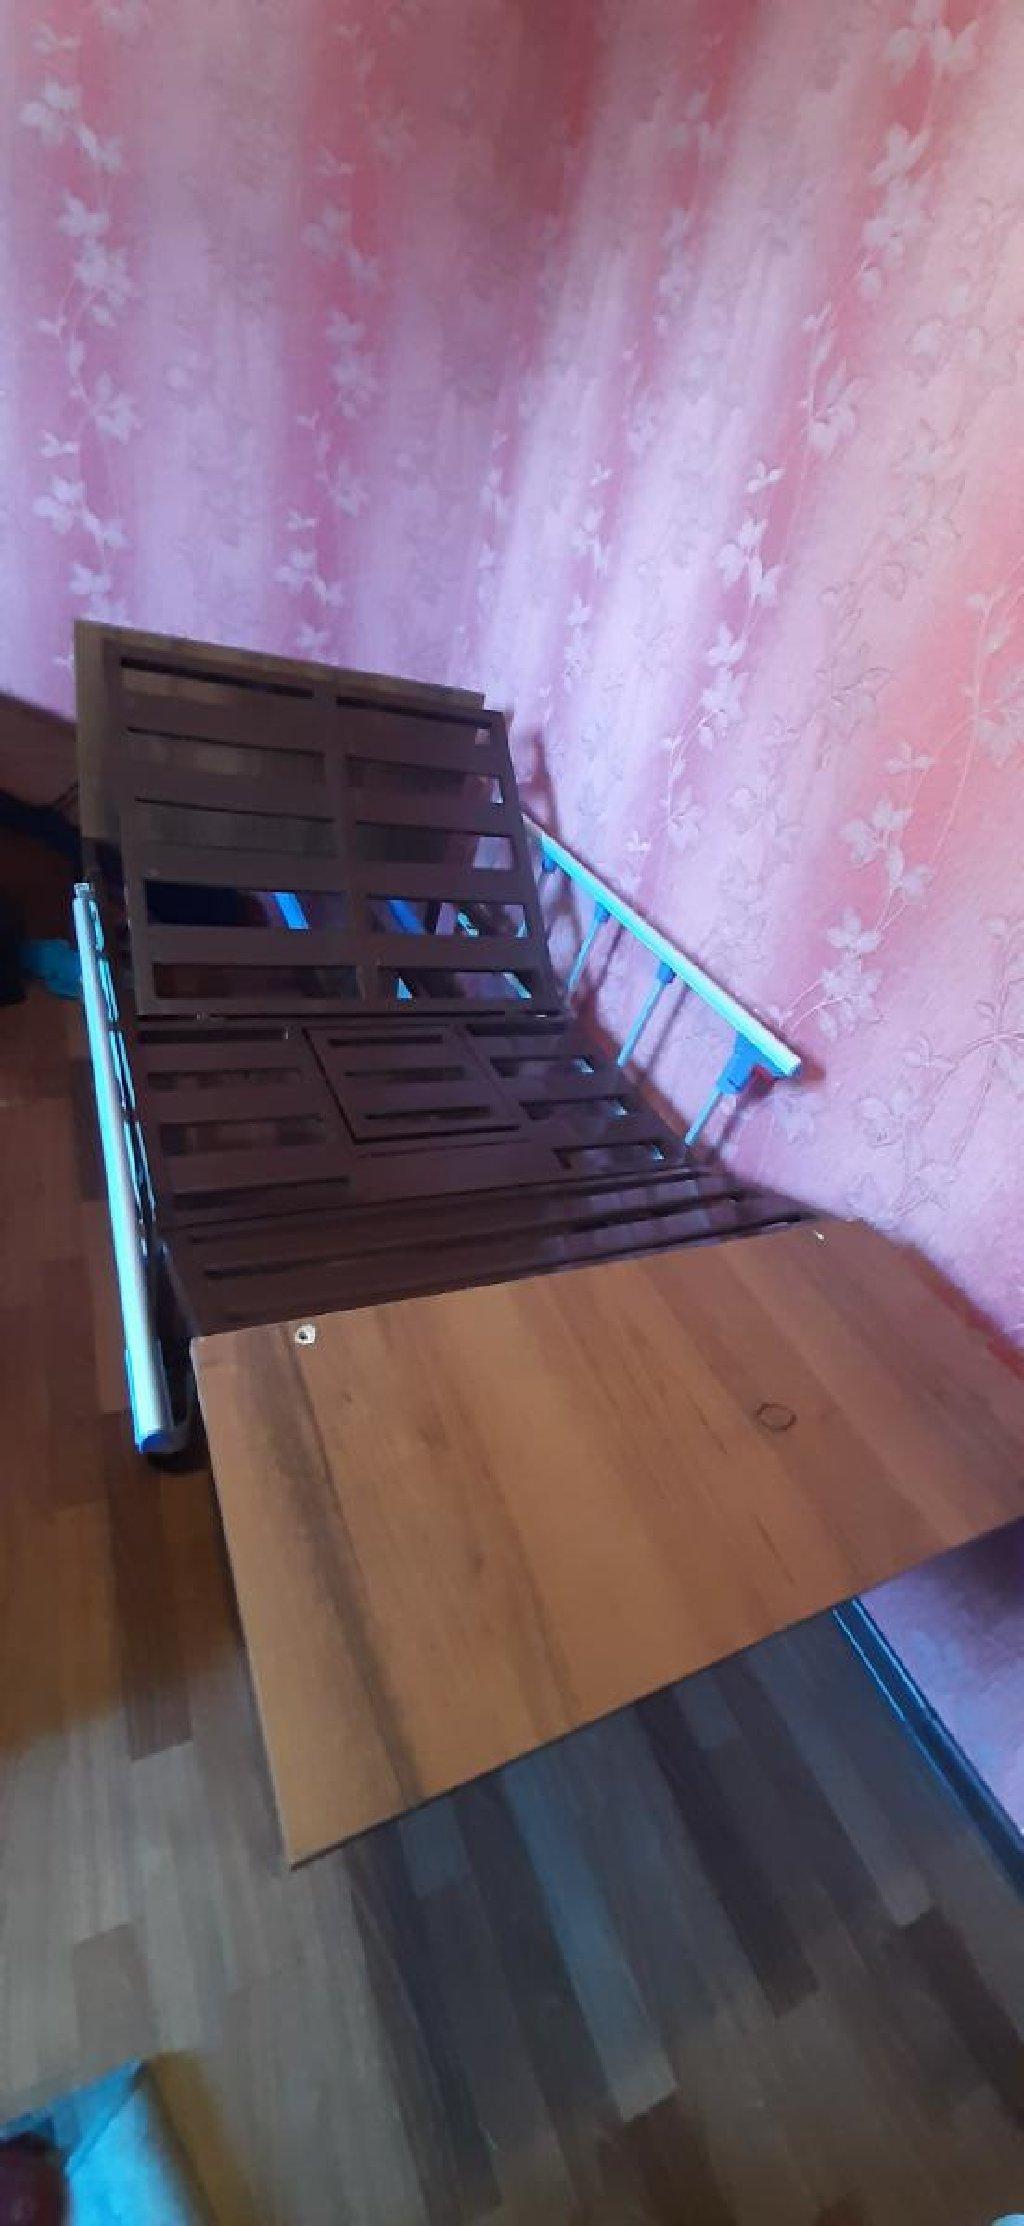 Функциональная кровать для больного,функциональная кровать,кровать для не ходячего,кровать для лежачего больного, функциональная кровать для лежачих больных